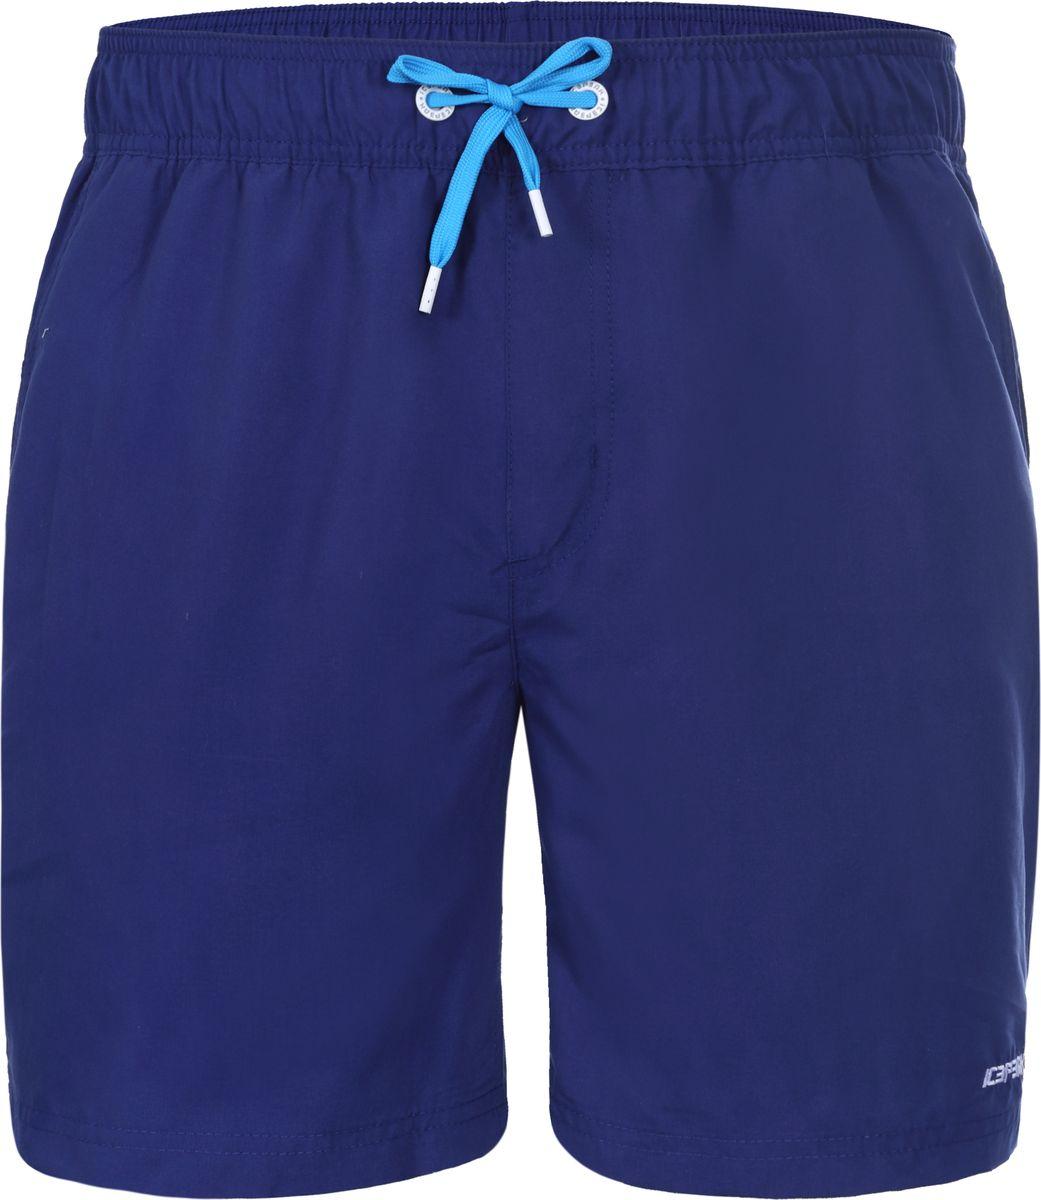 Шорты Icepeak шорты мужские icepeak цвет бежевый 357530463iv 051 размер 52